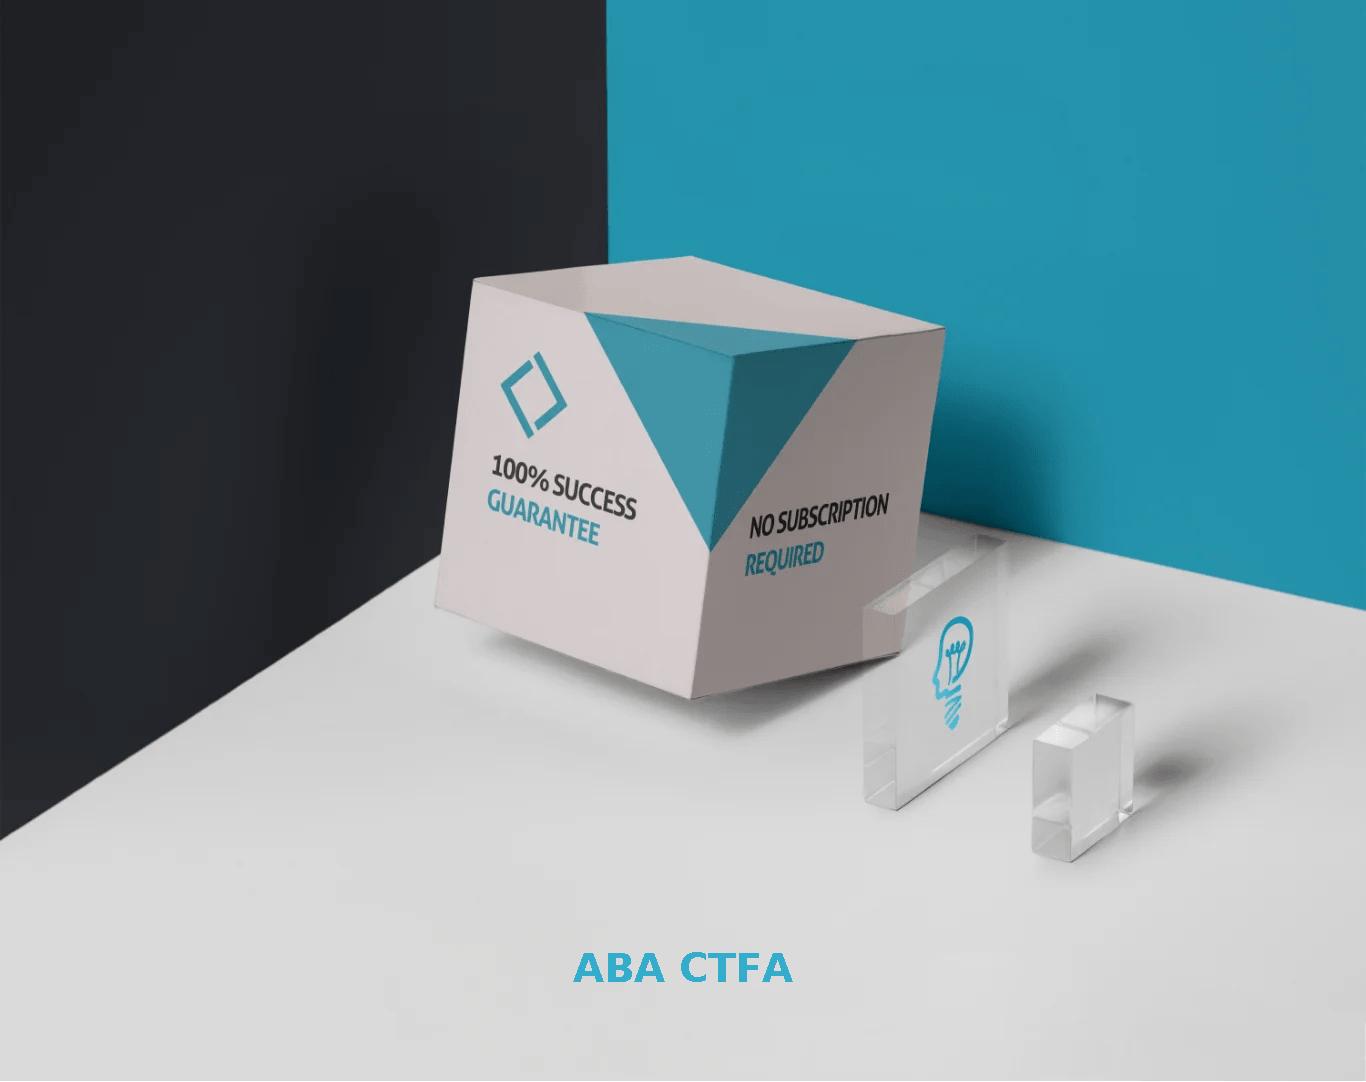 ABA CTFA Exams